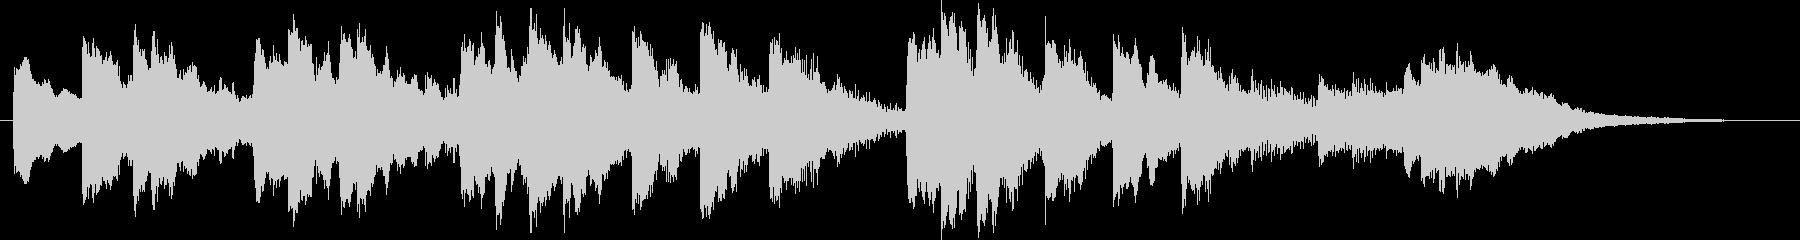 O Tannenbaum(チャイム)の未再生の波形